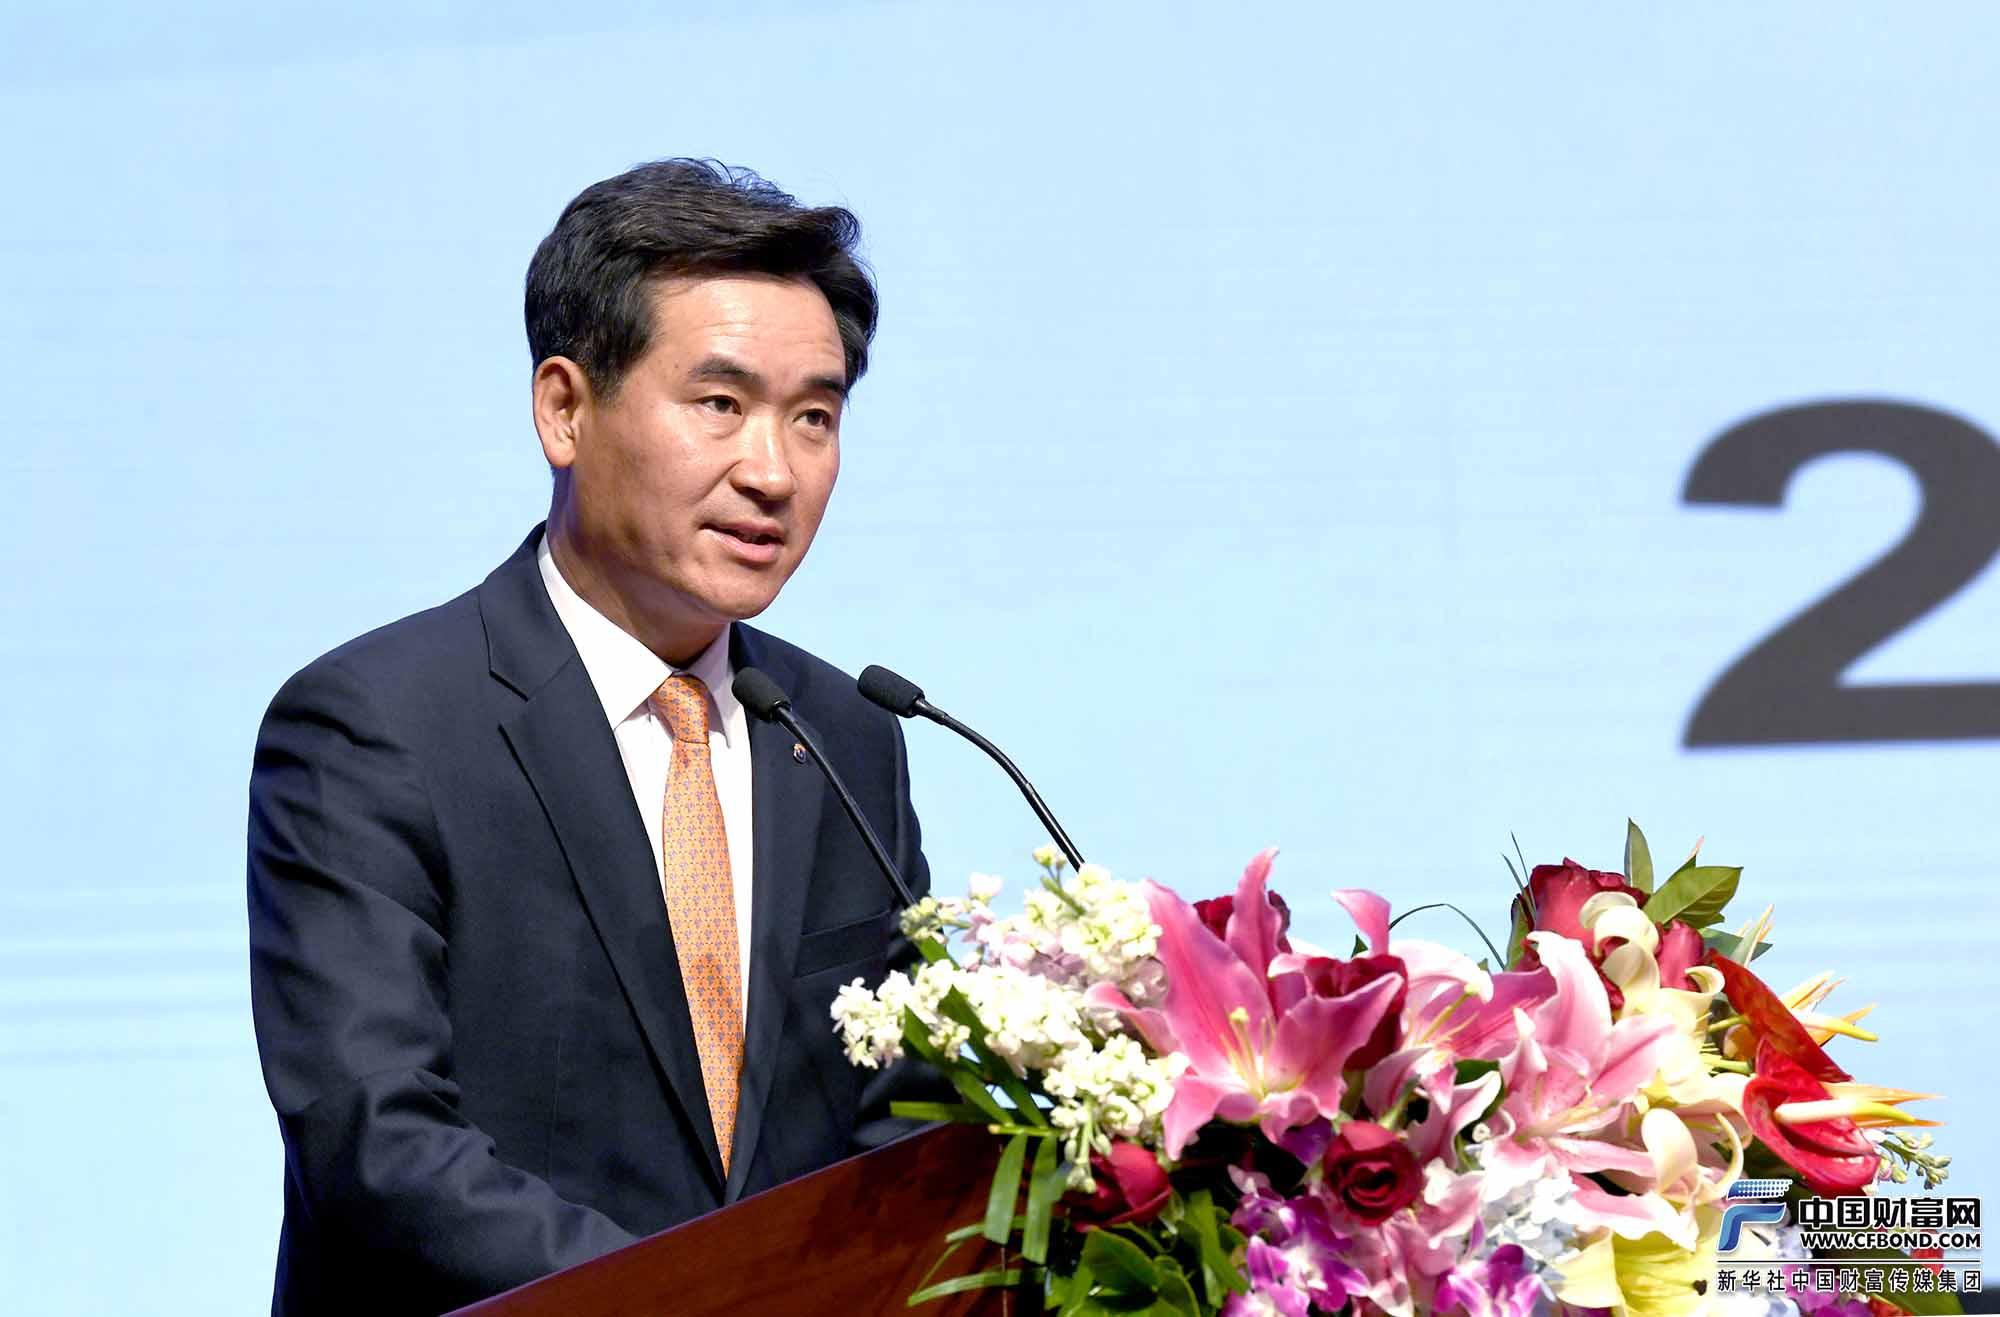 首尔保证保险株式会社董事长金相泽致辞